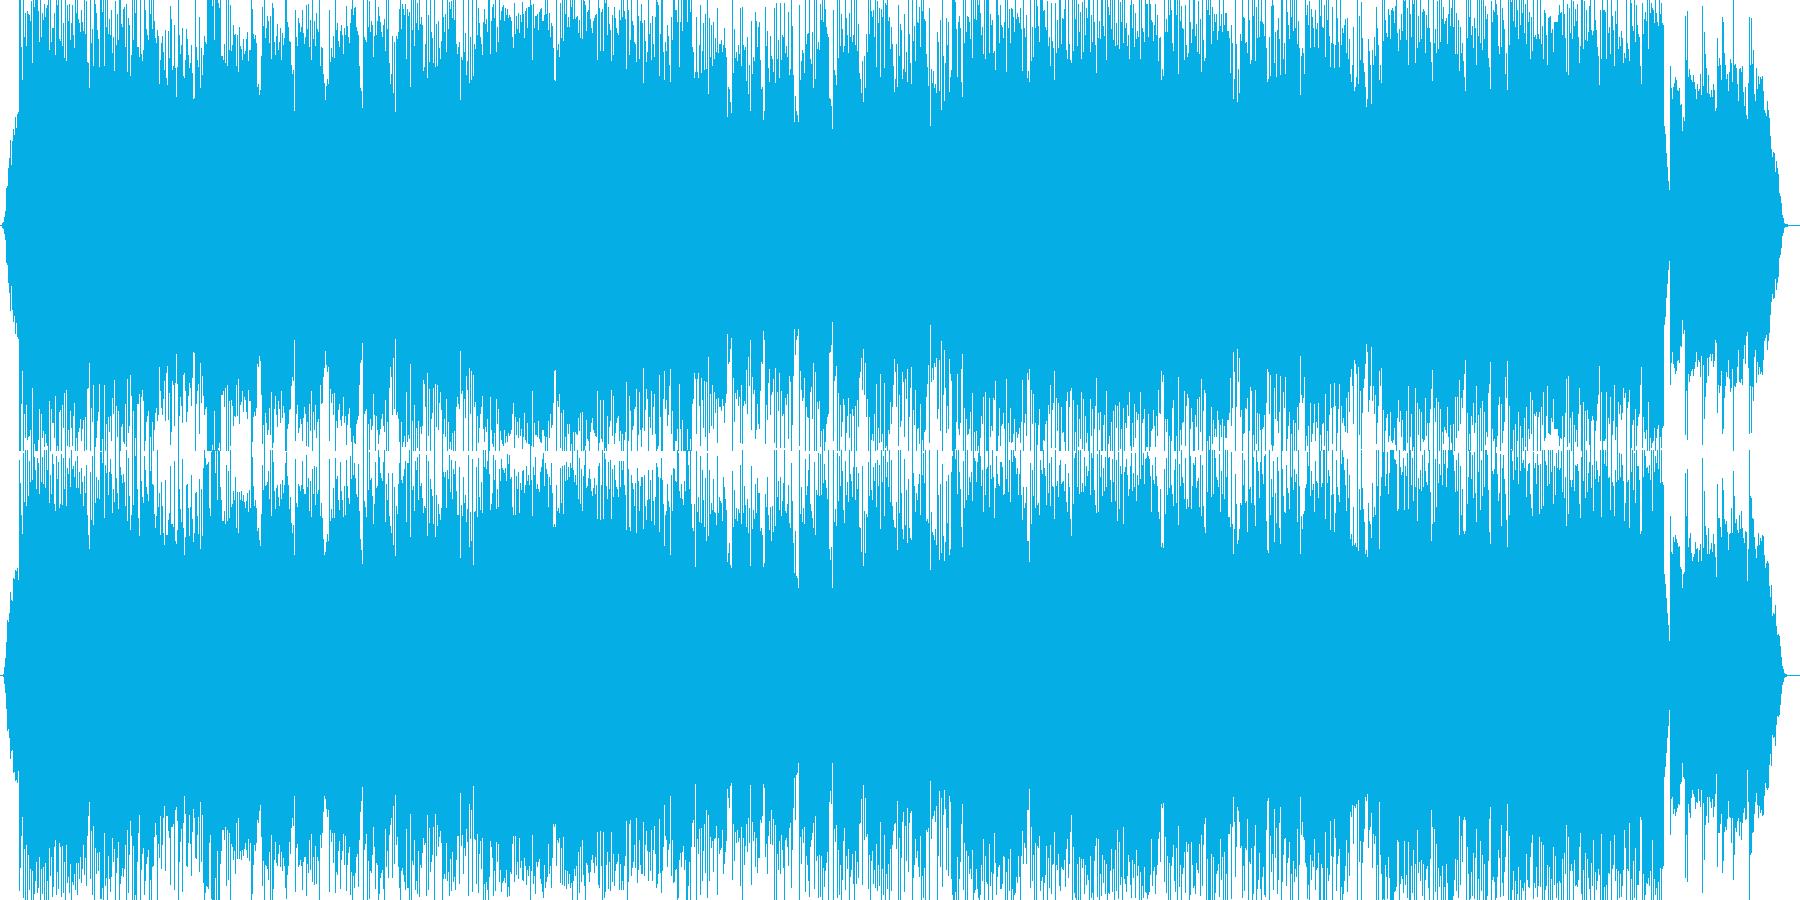 哀愁漂うバラード調の楽曲ですの再生済みの波形